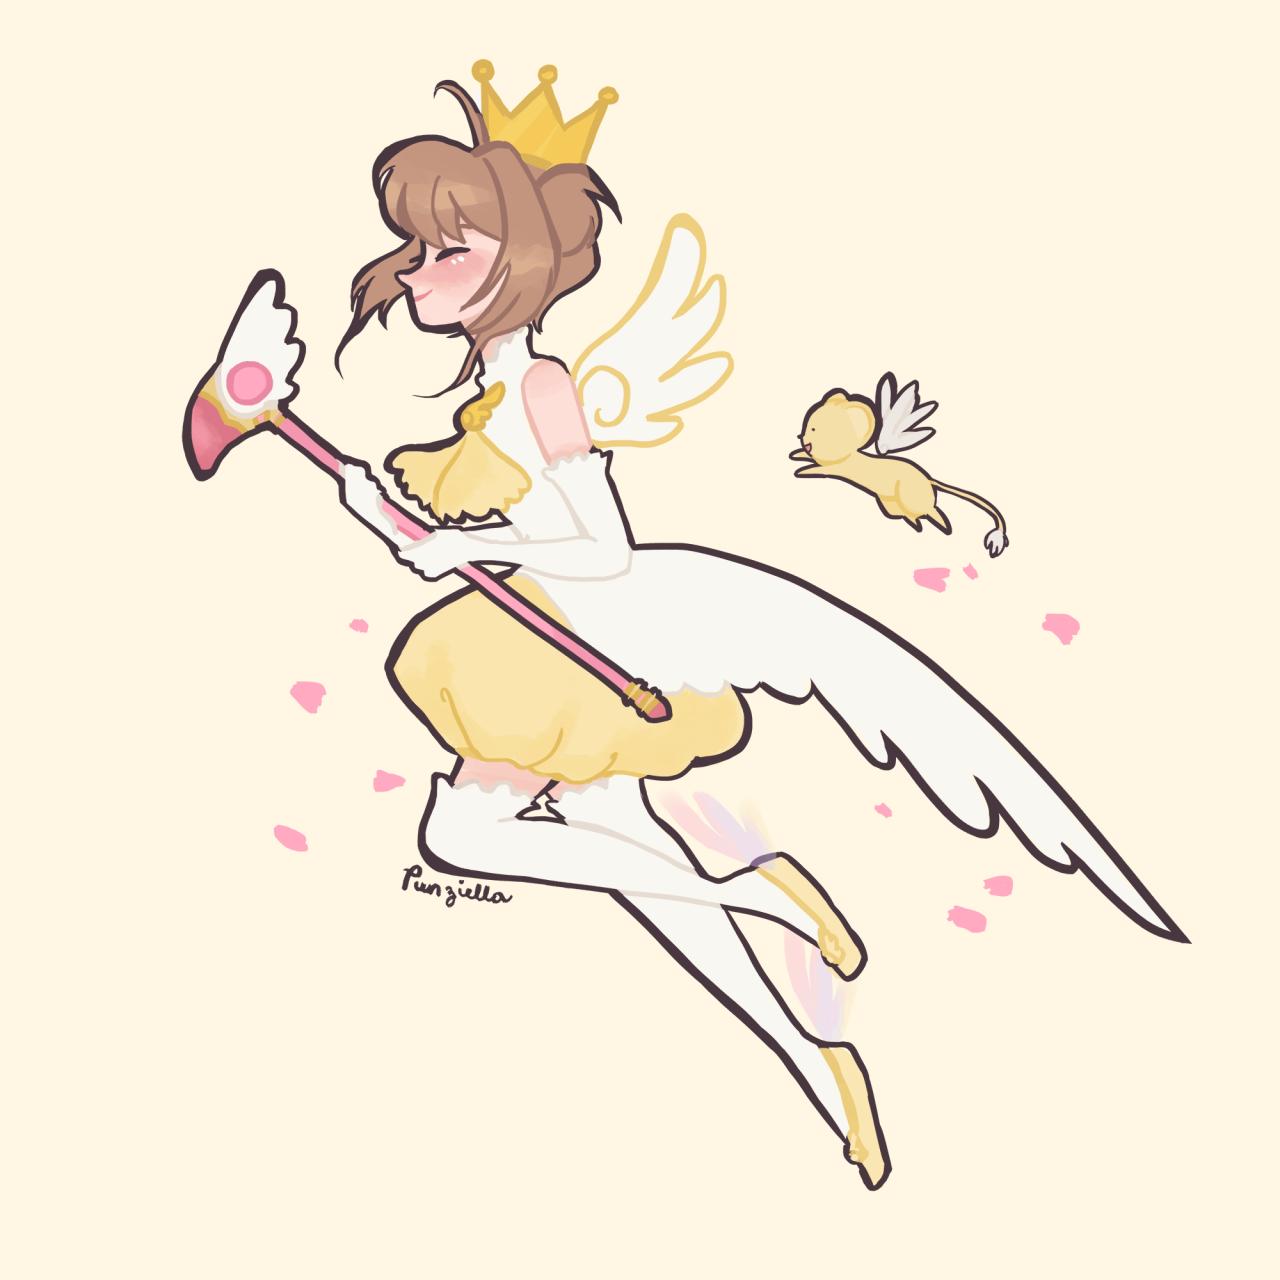 Estrella de la mariposa y rsquo; s varita me hizo perder Sakura ouoIt era Sailor Moon para la mayoría de ustedes, pero para mí fue Card Captor Sakura.  Vi esto quizás un millón de veces en Inglés, japonés y filipino.  Fantaseaba con ser un captor de la tarjeta y no otra cosa, a lo largo de toda años de primaria.  Puedo & rsquo; t creen que y rsquo; s sido 13 años desde oh mi dios.